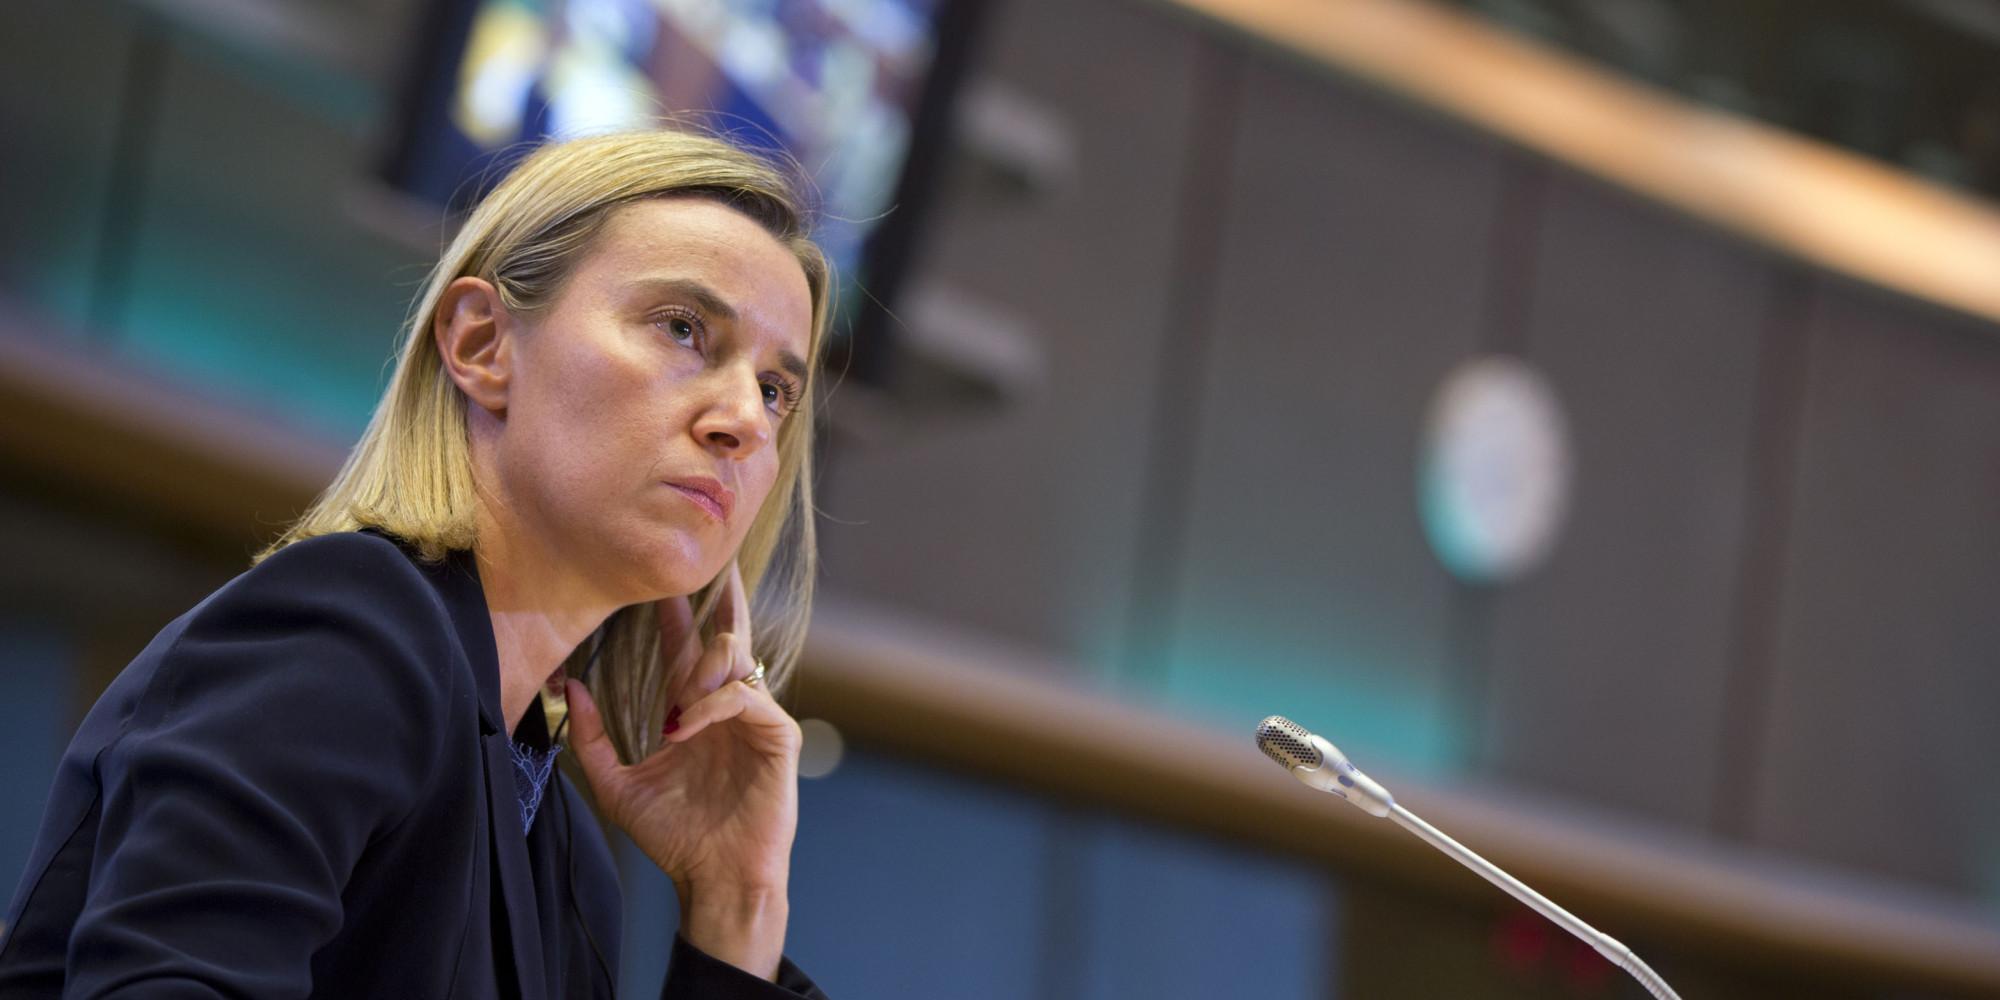 الاتحاد الاوروبي يؤكد دعم الاتفاق النووي مع ايران دعما كاملا .. وبومبيو يتوجه الى بروكسل